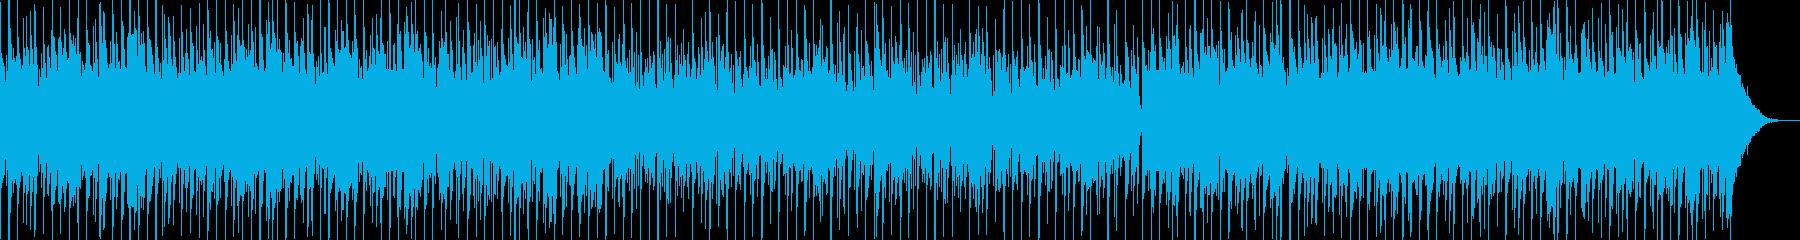 【波の音付き】明るい穏やかな南国の海の再生済みの波形